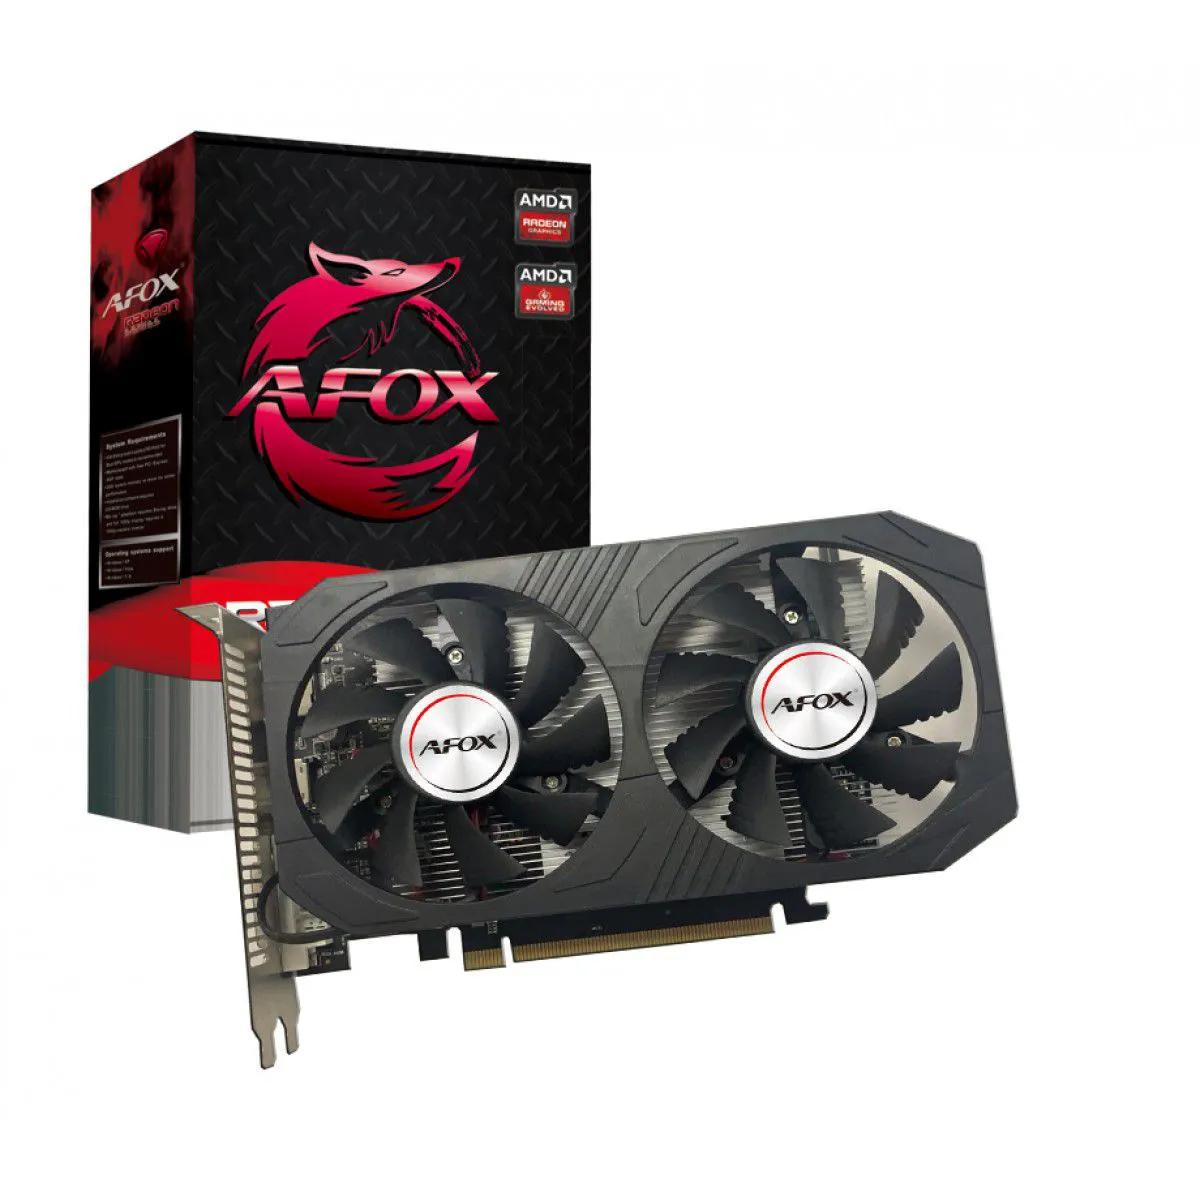 Placa de vídeo RX 560 4GB Radeon Afox GDDR5 128Bit AFRX560D-4096D5H4-V2